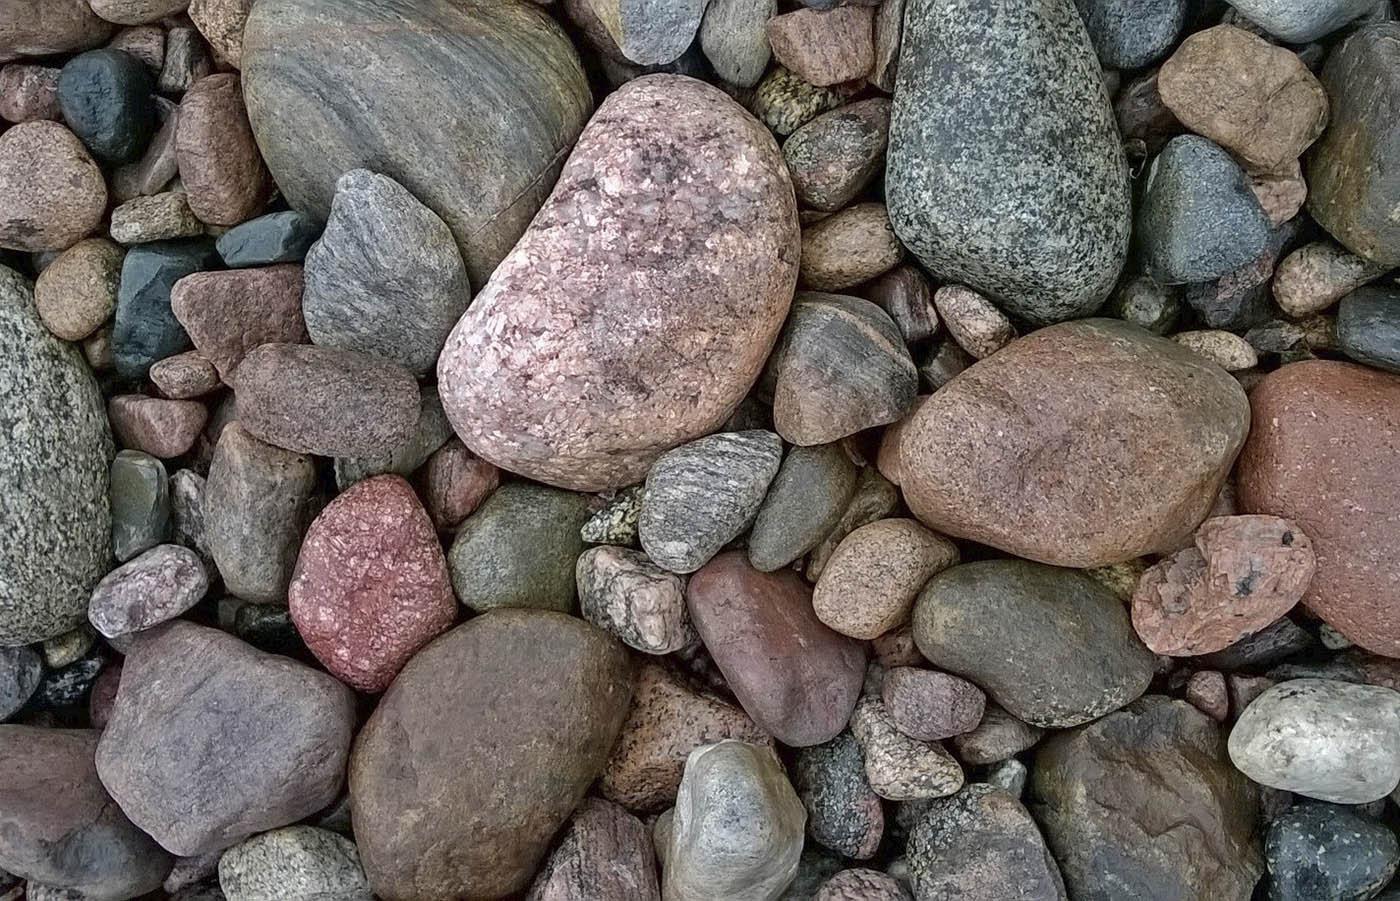 Kuvassa on rantakivikko, pirunpelto, jossa on monenkokoisia punertavia, harmaita, mustia, raidallisia ja täplikkäitä sateen liukastamia kivenmurikoita.